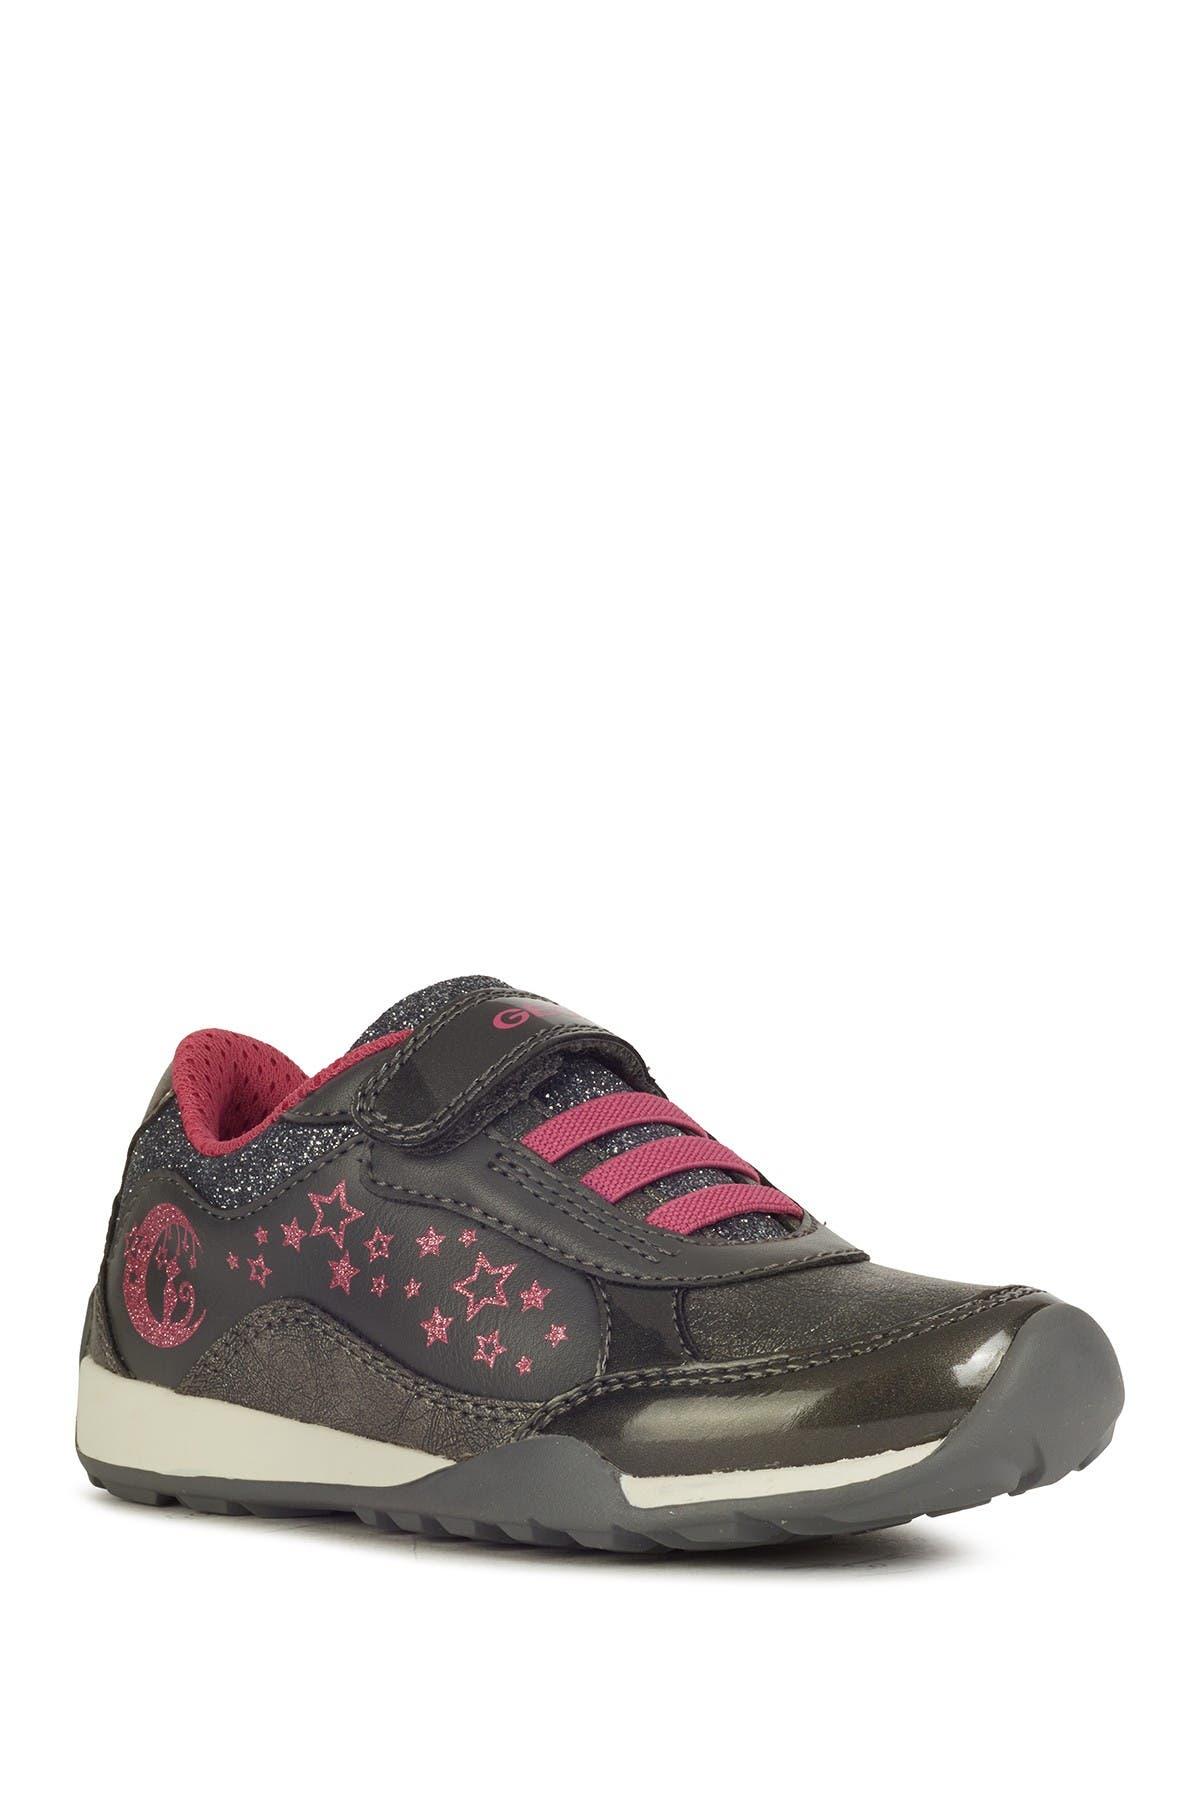 GEOX | Jocker Plus Girl 2 Sneaker